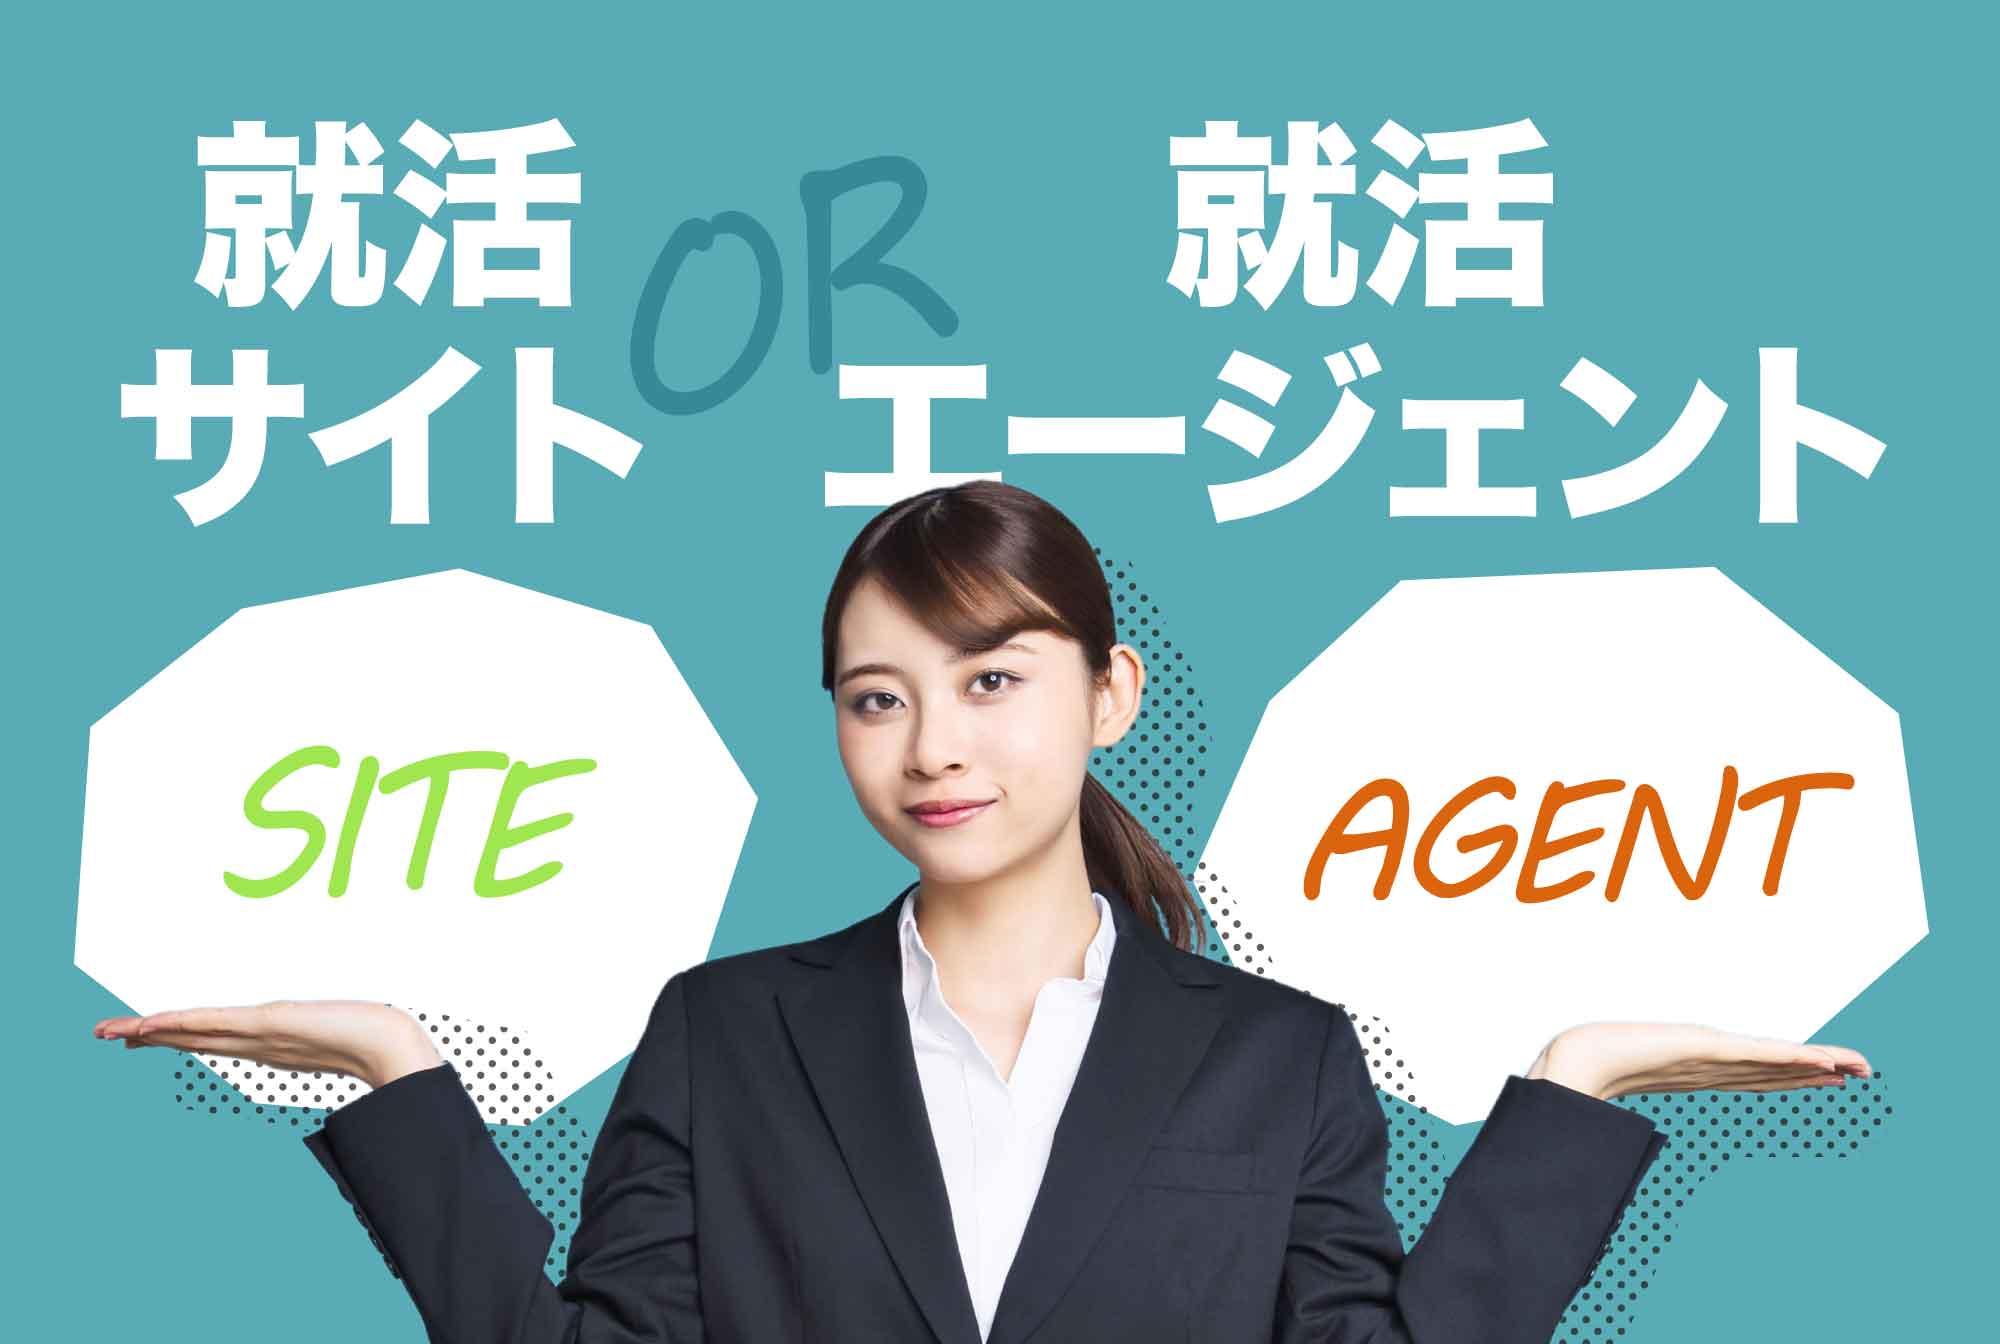 おすすめ就活サイト・エージェント6選